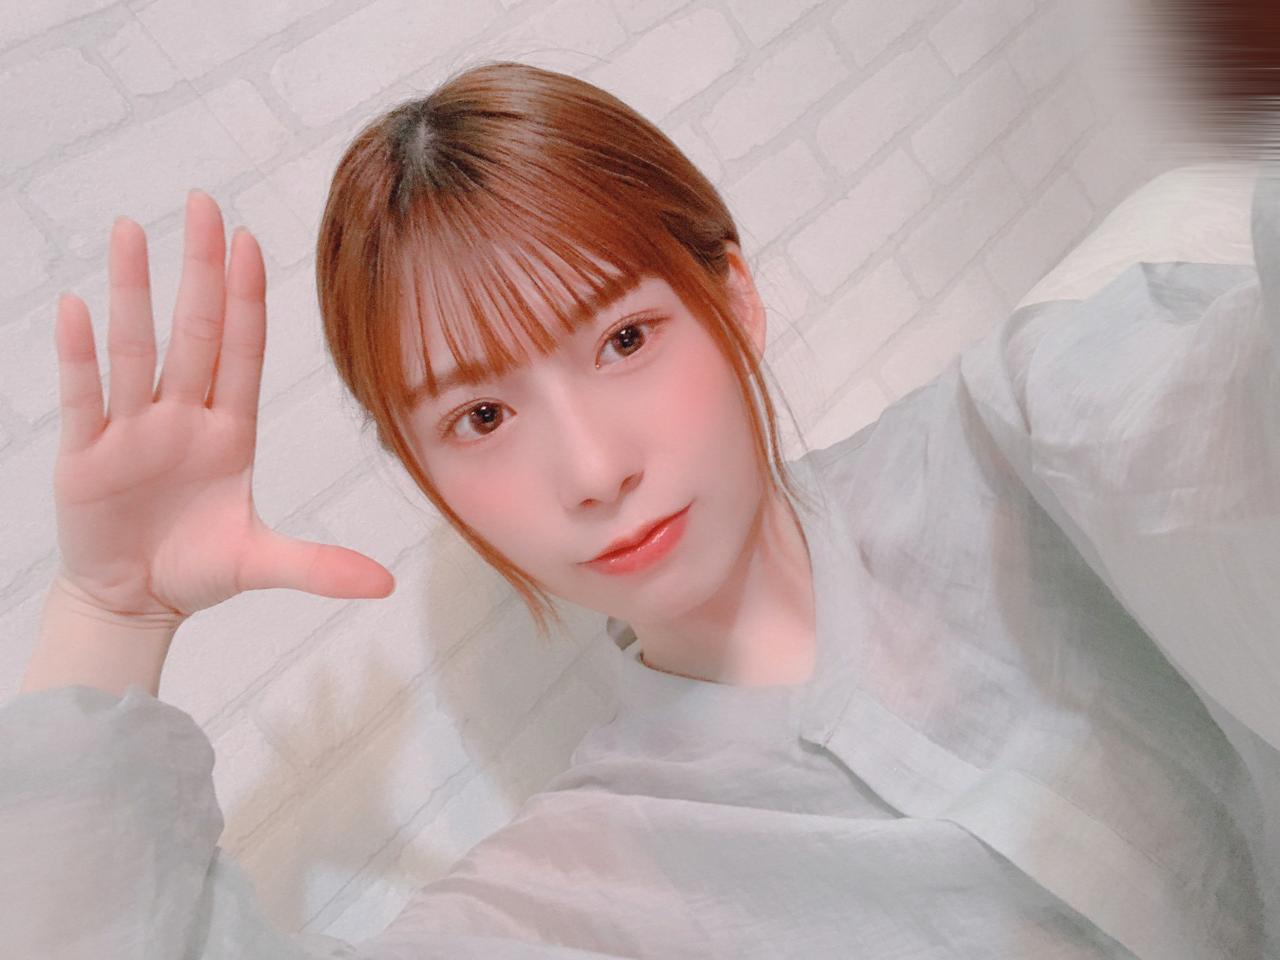 東村芽依さんの「🍓」